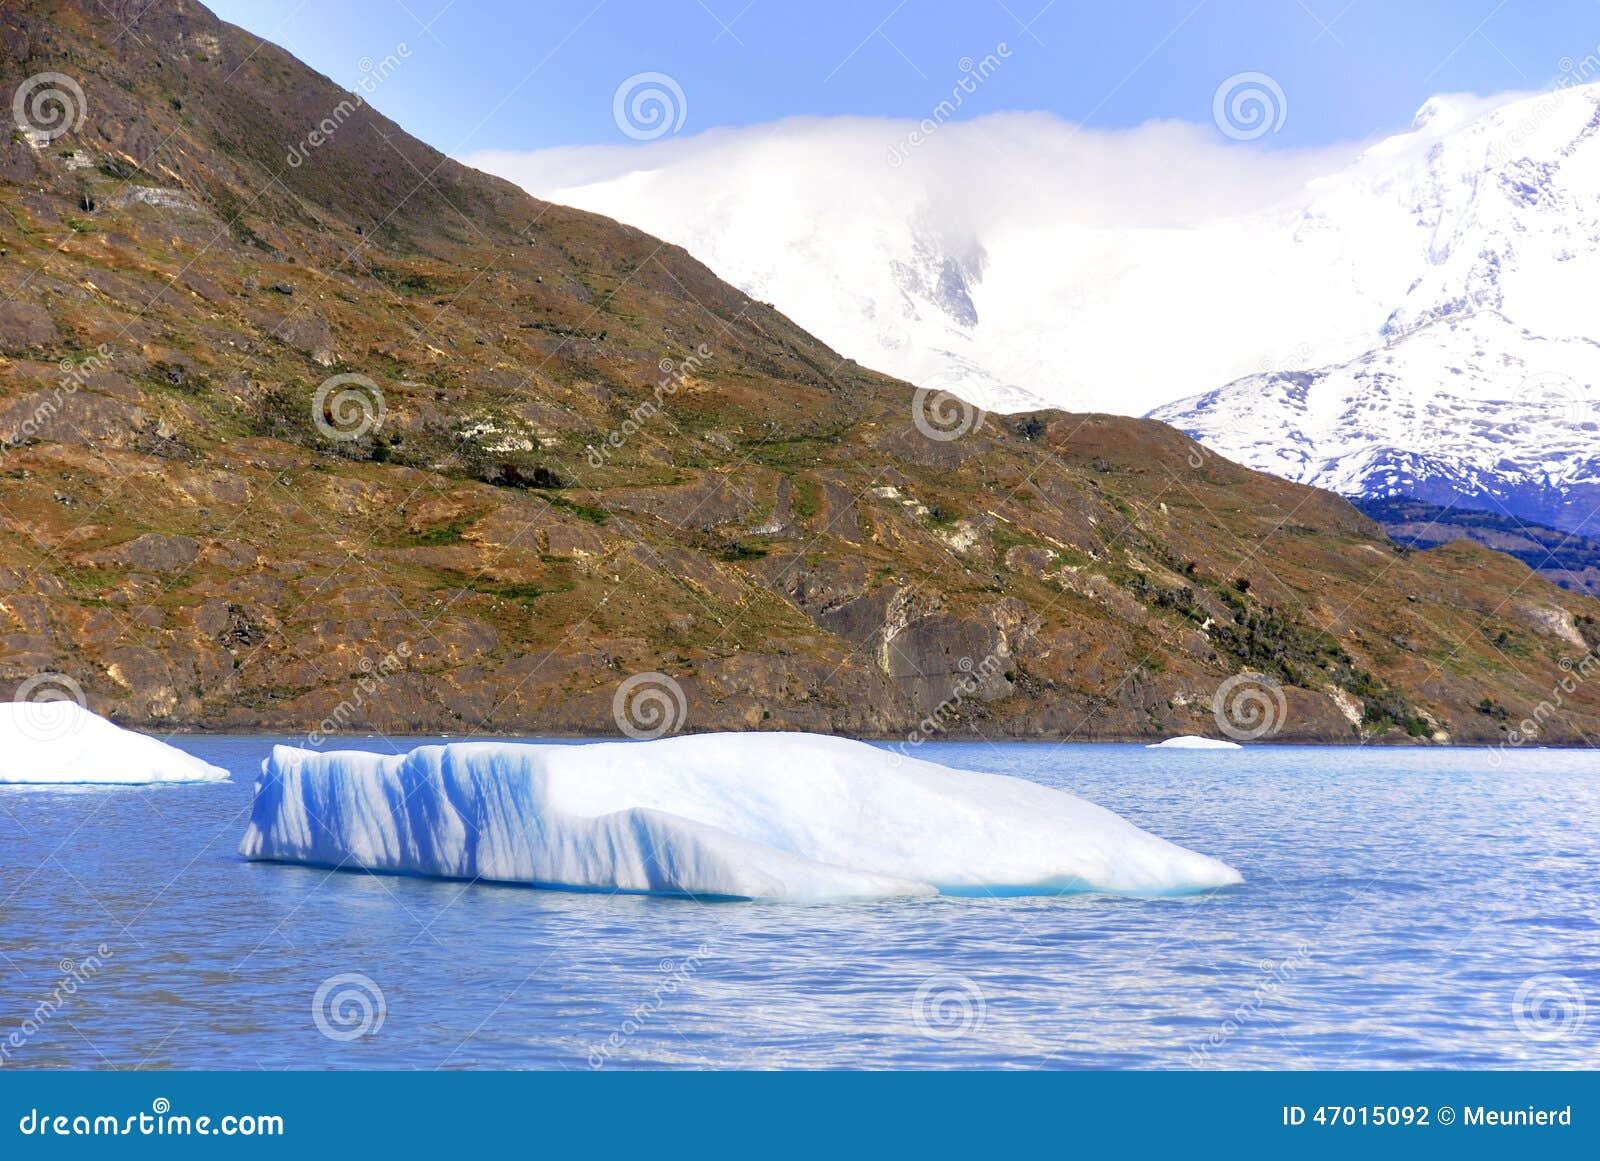 El glaciar de Perito Moreno